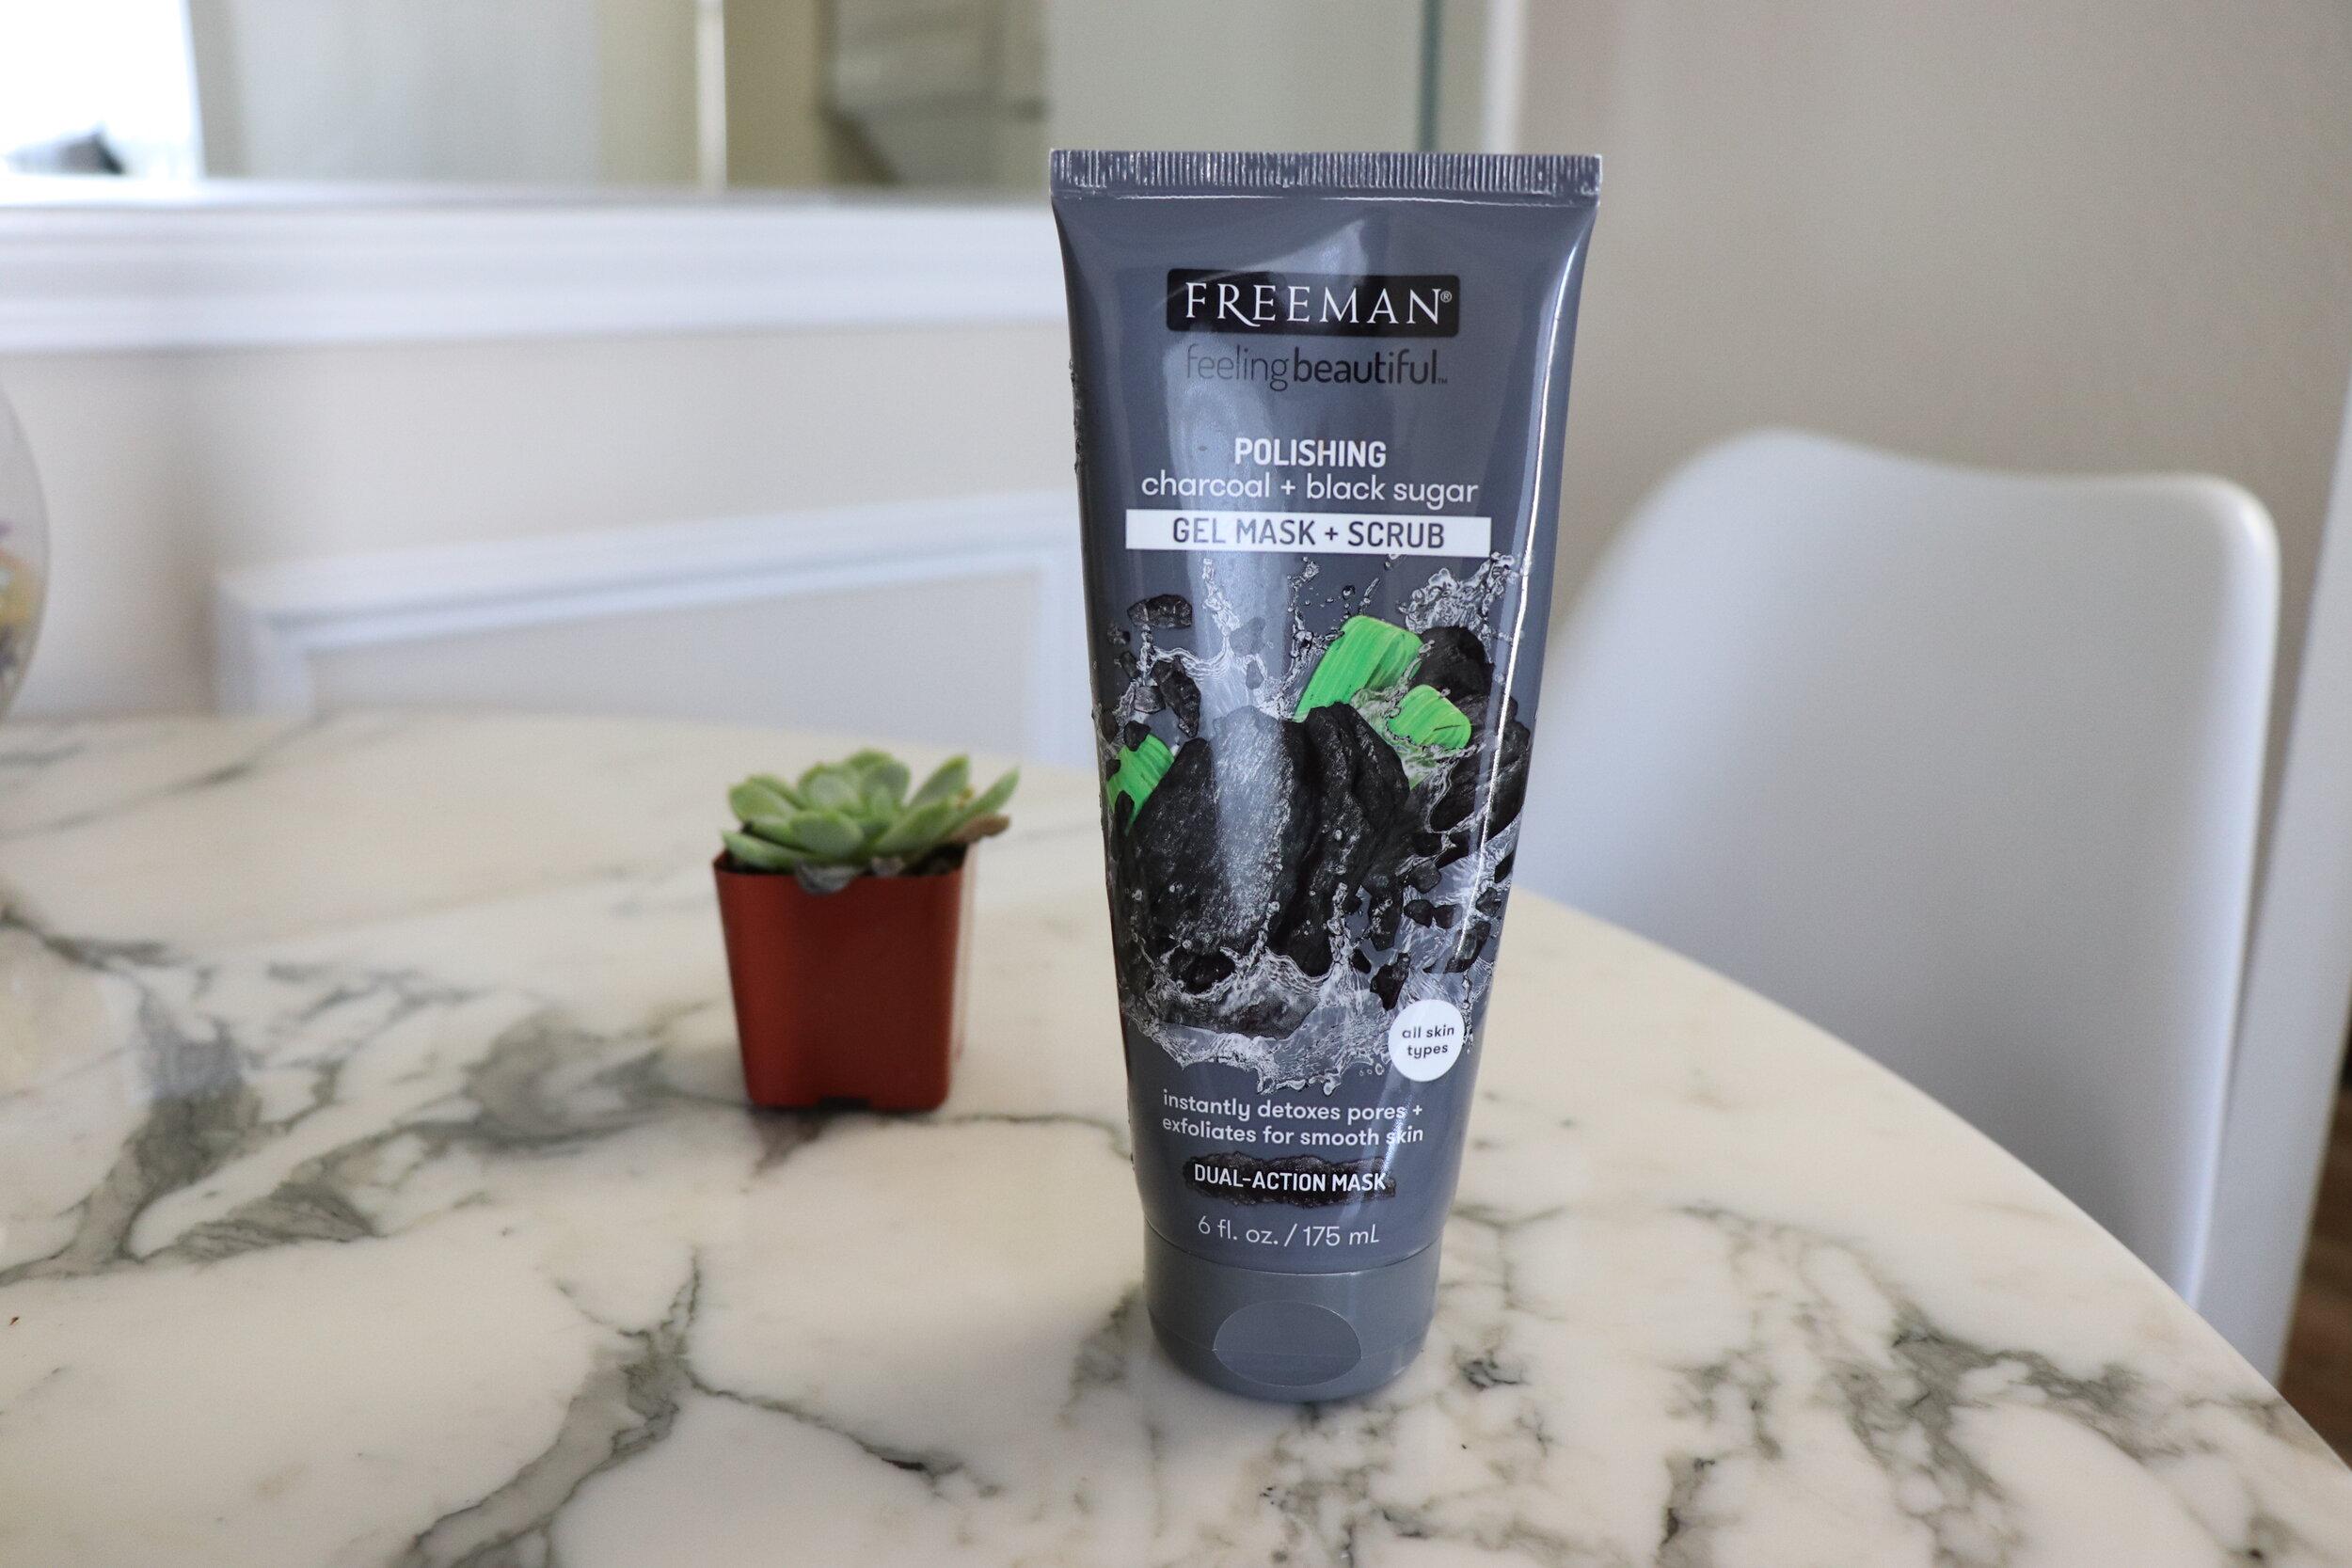 freeman charcoal black sugar gel mask scrub